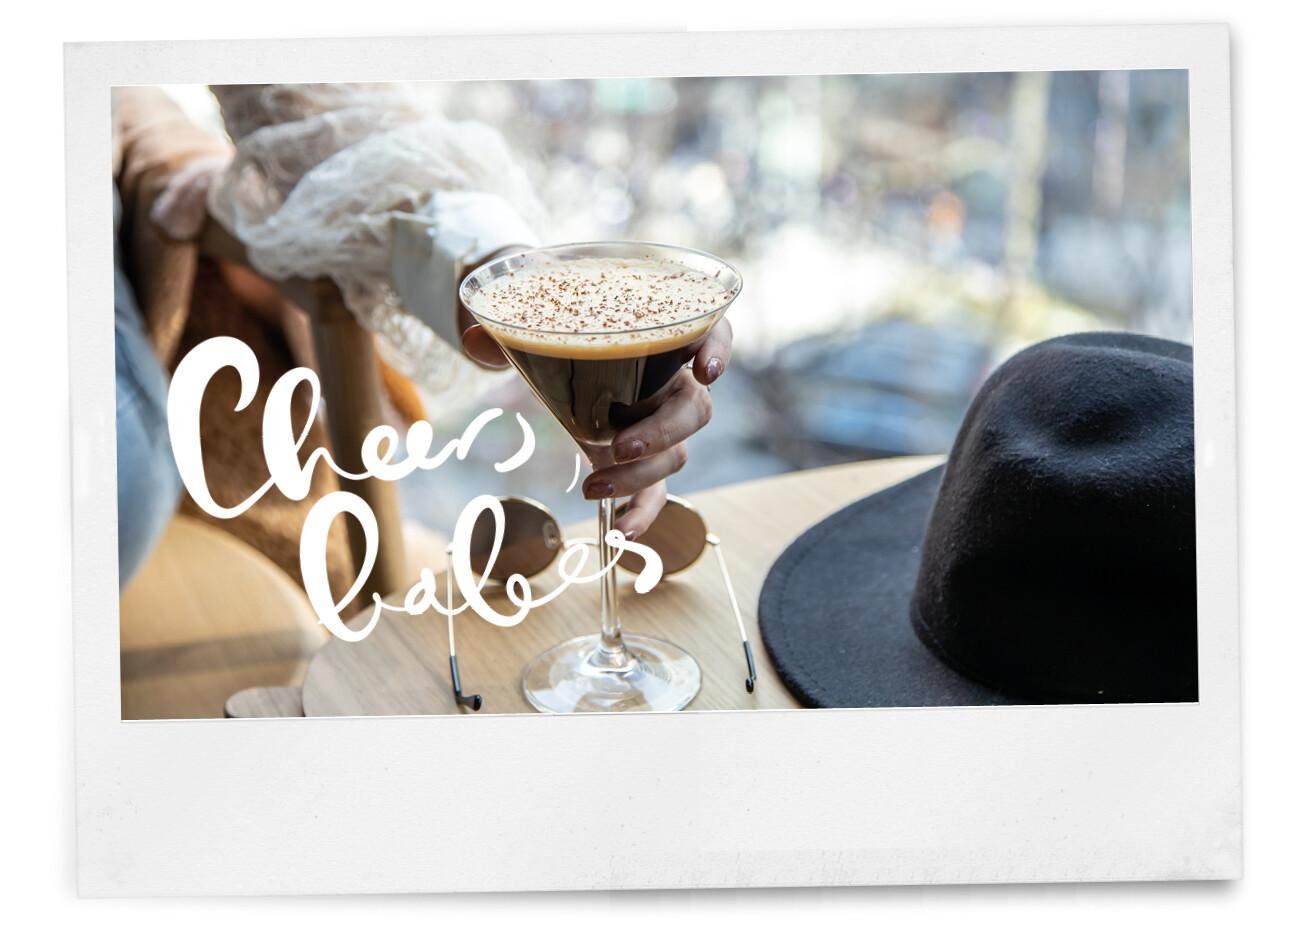 Macchiato-martini-tips-recept-drank